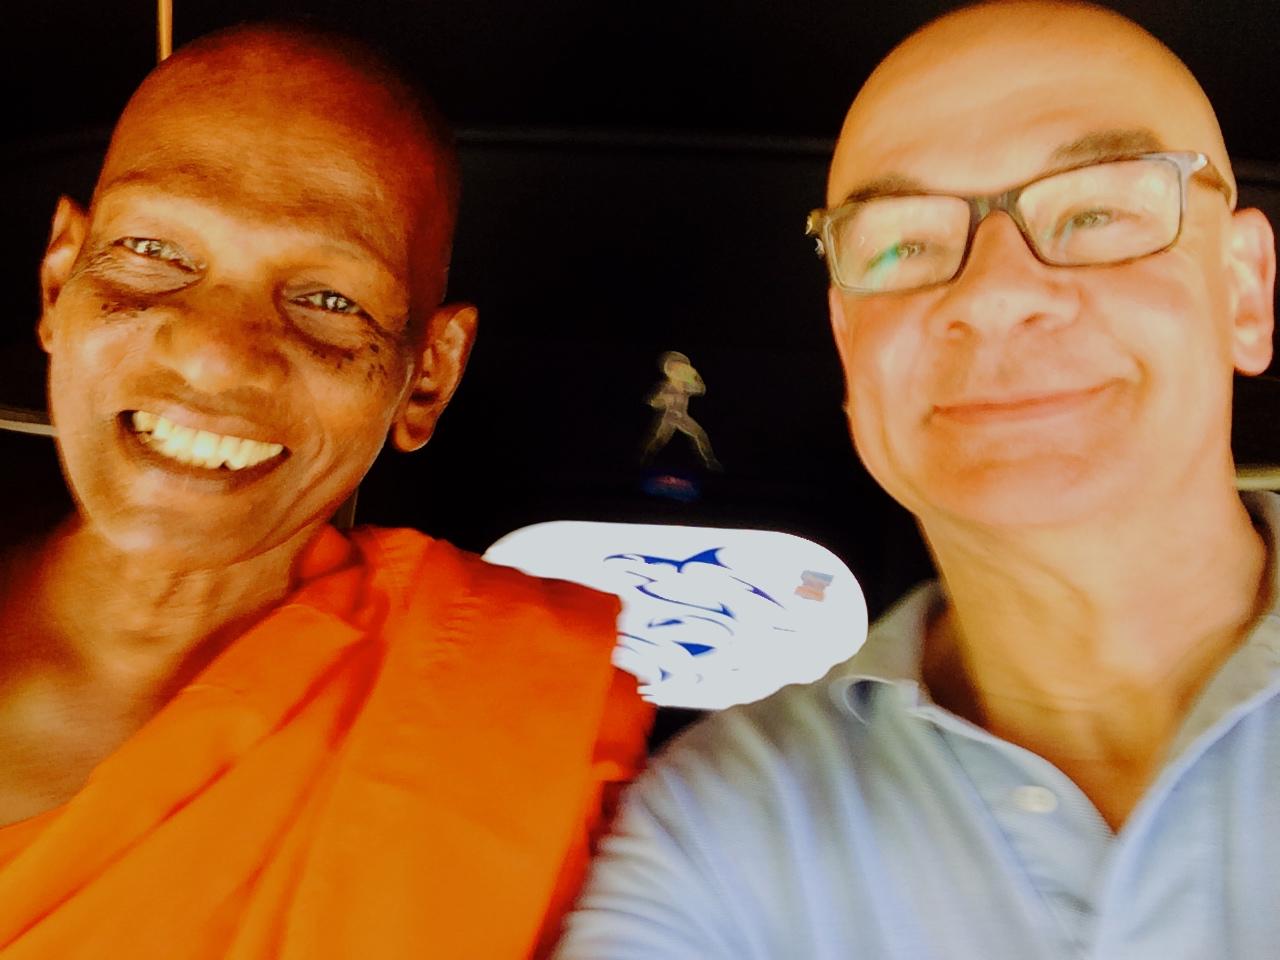 Dieter Bednarz und der ehrwürtige Mönch Siri im Tuc Tuc